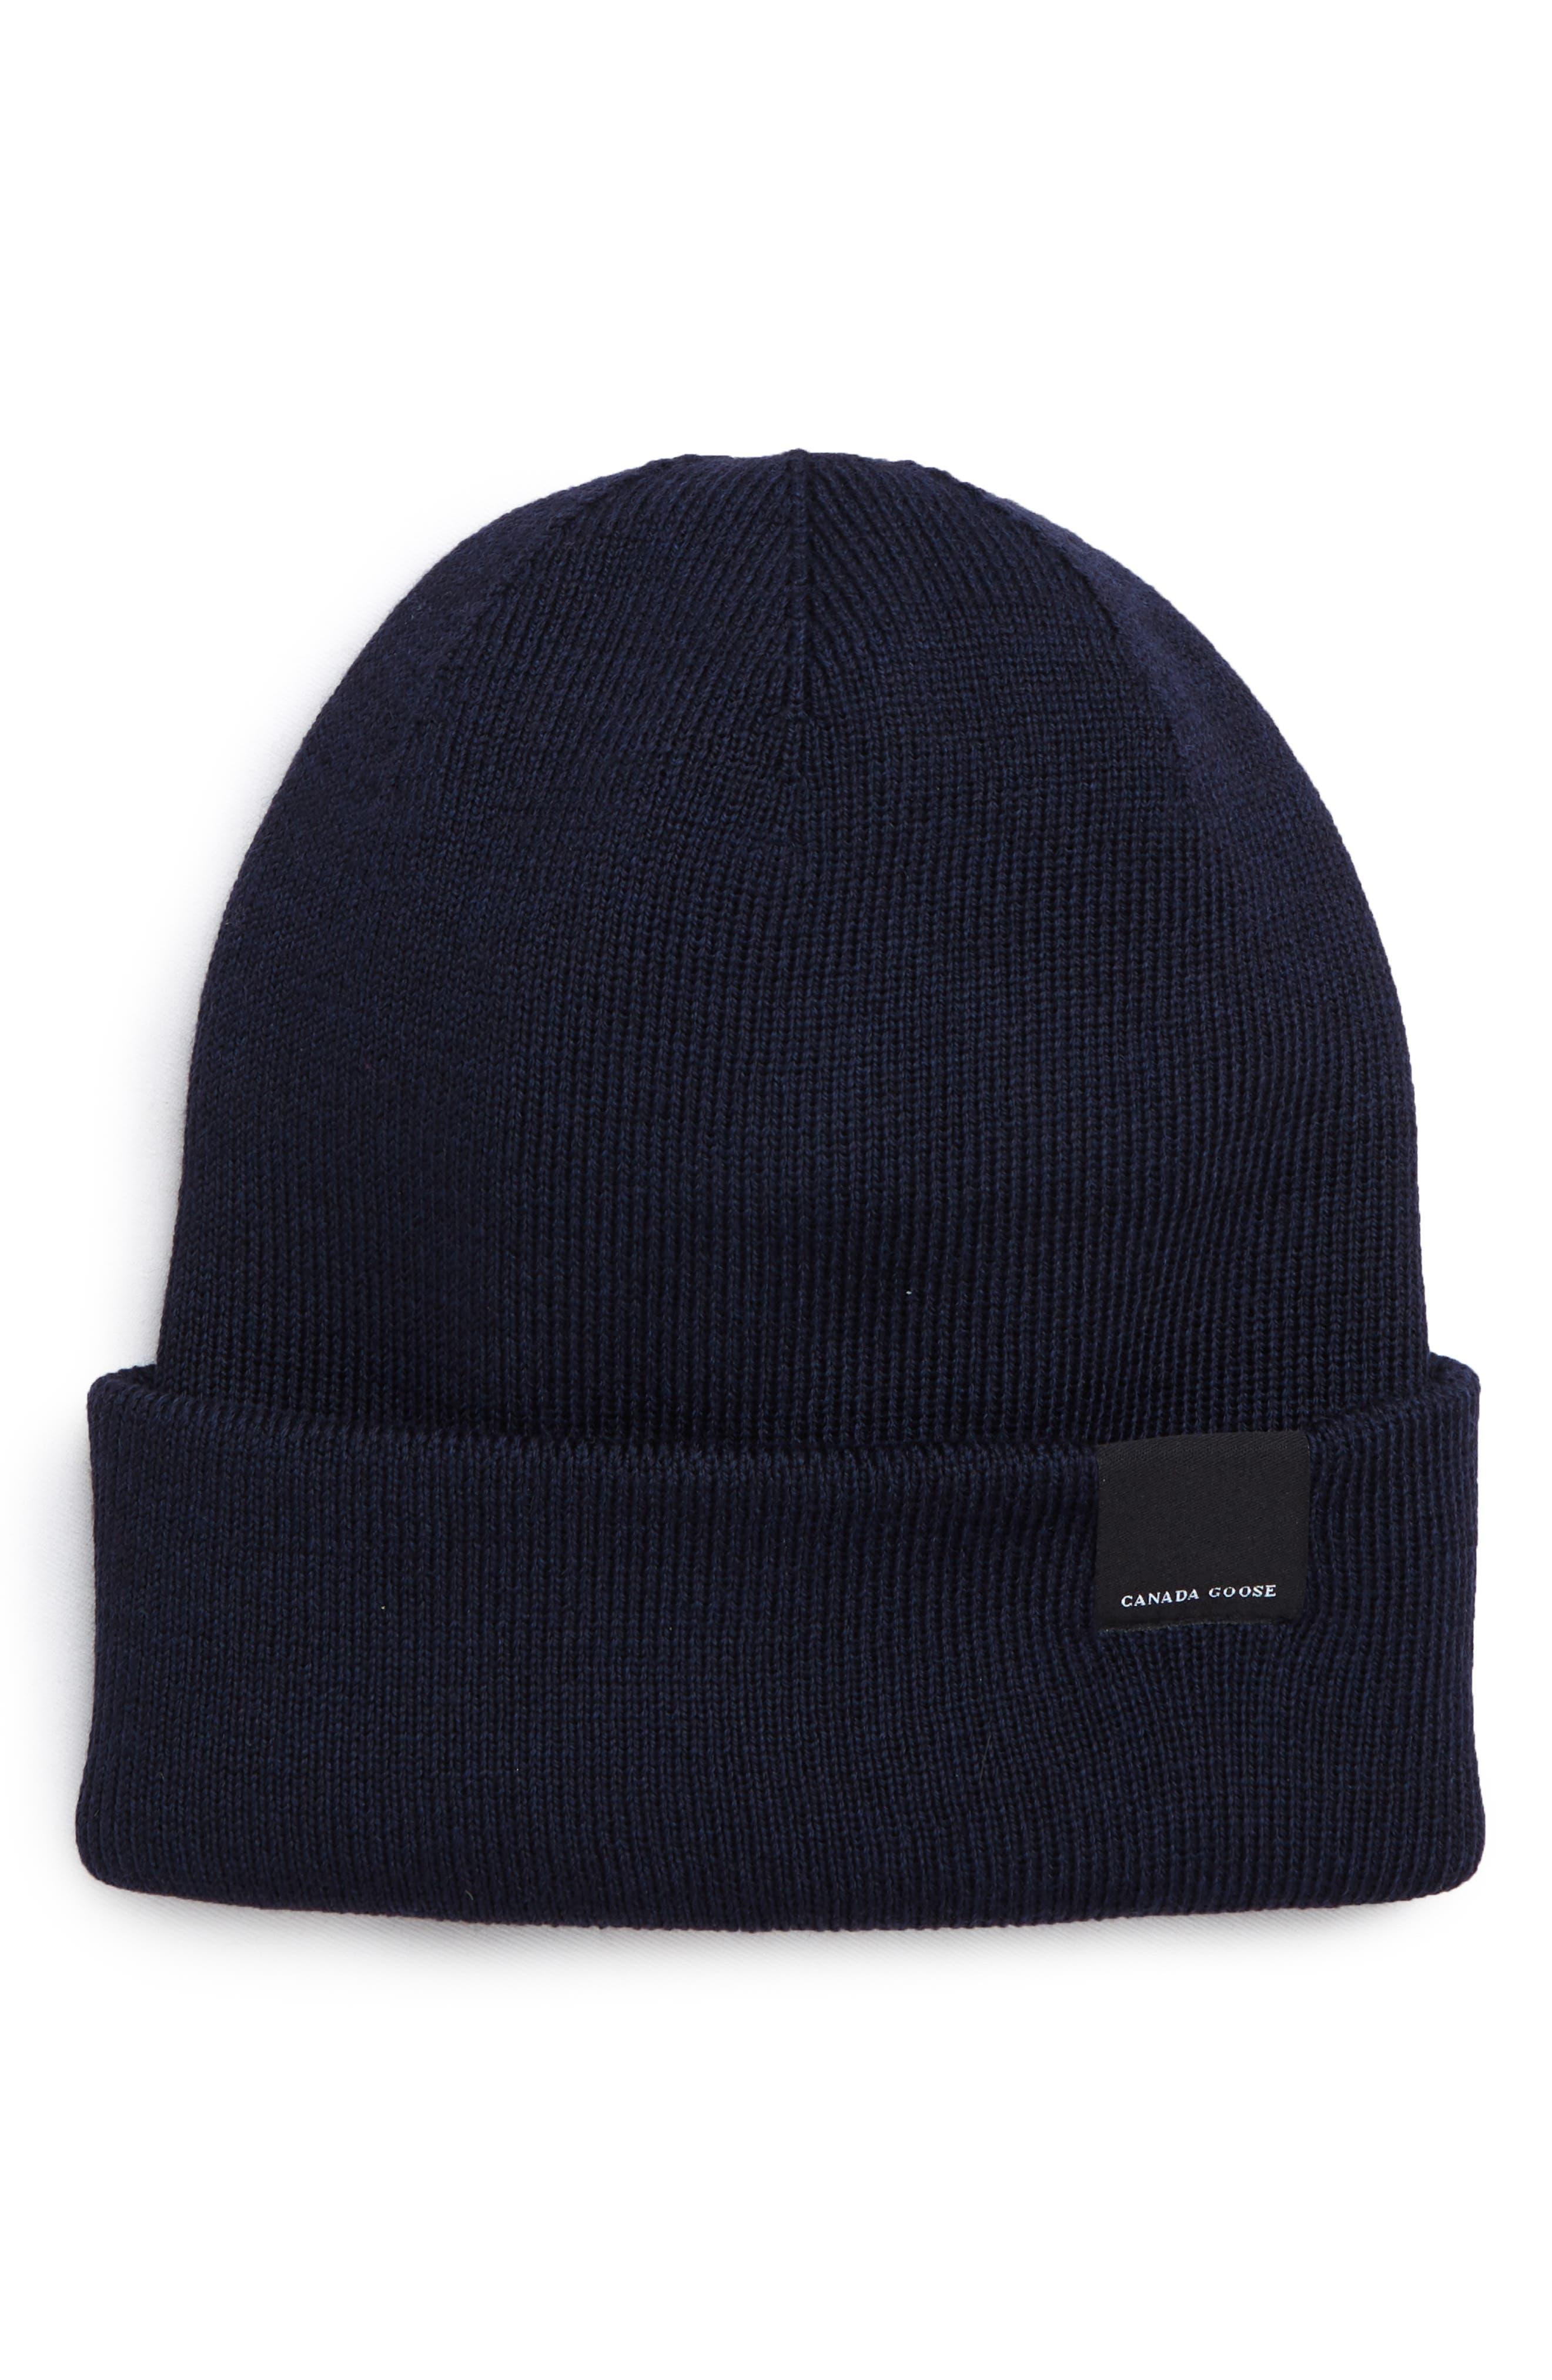 56d8d50ef19 Men s Canada Goose Beanies  Knit Caps   Winter Hats